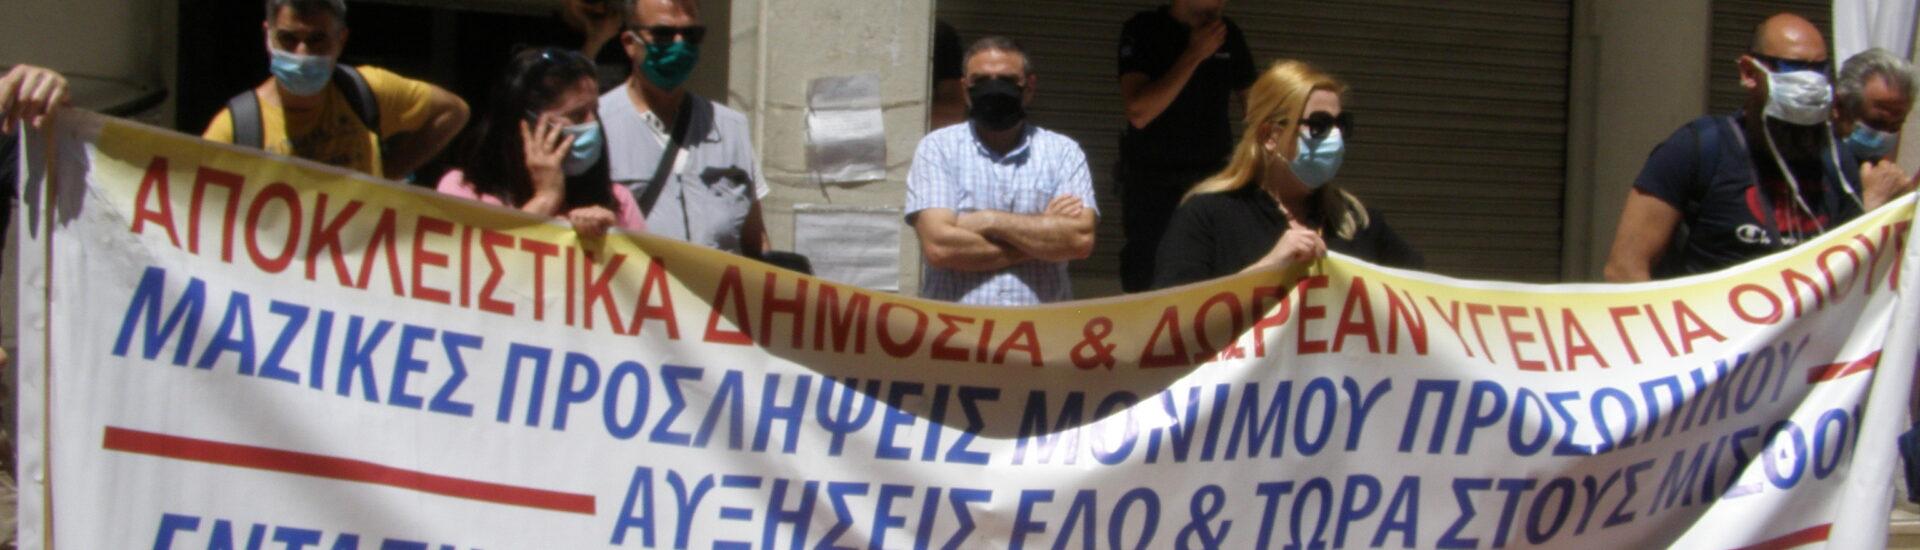 ΟΕΝΓΕ: 24ωρη πανελλαδική απεργία την Πέμπτη 24 Σεπτέμβρη